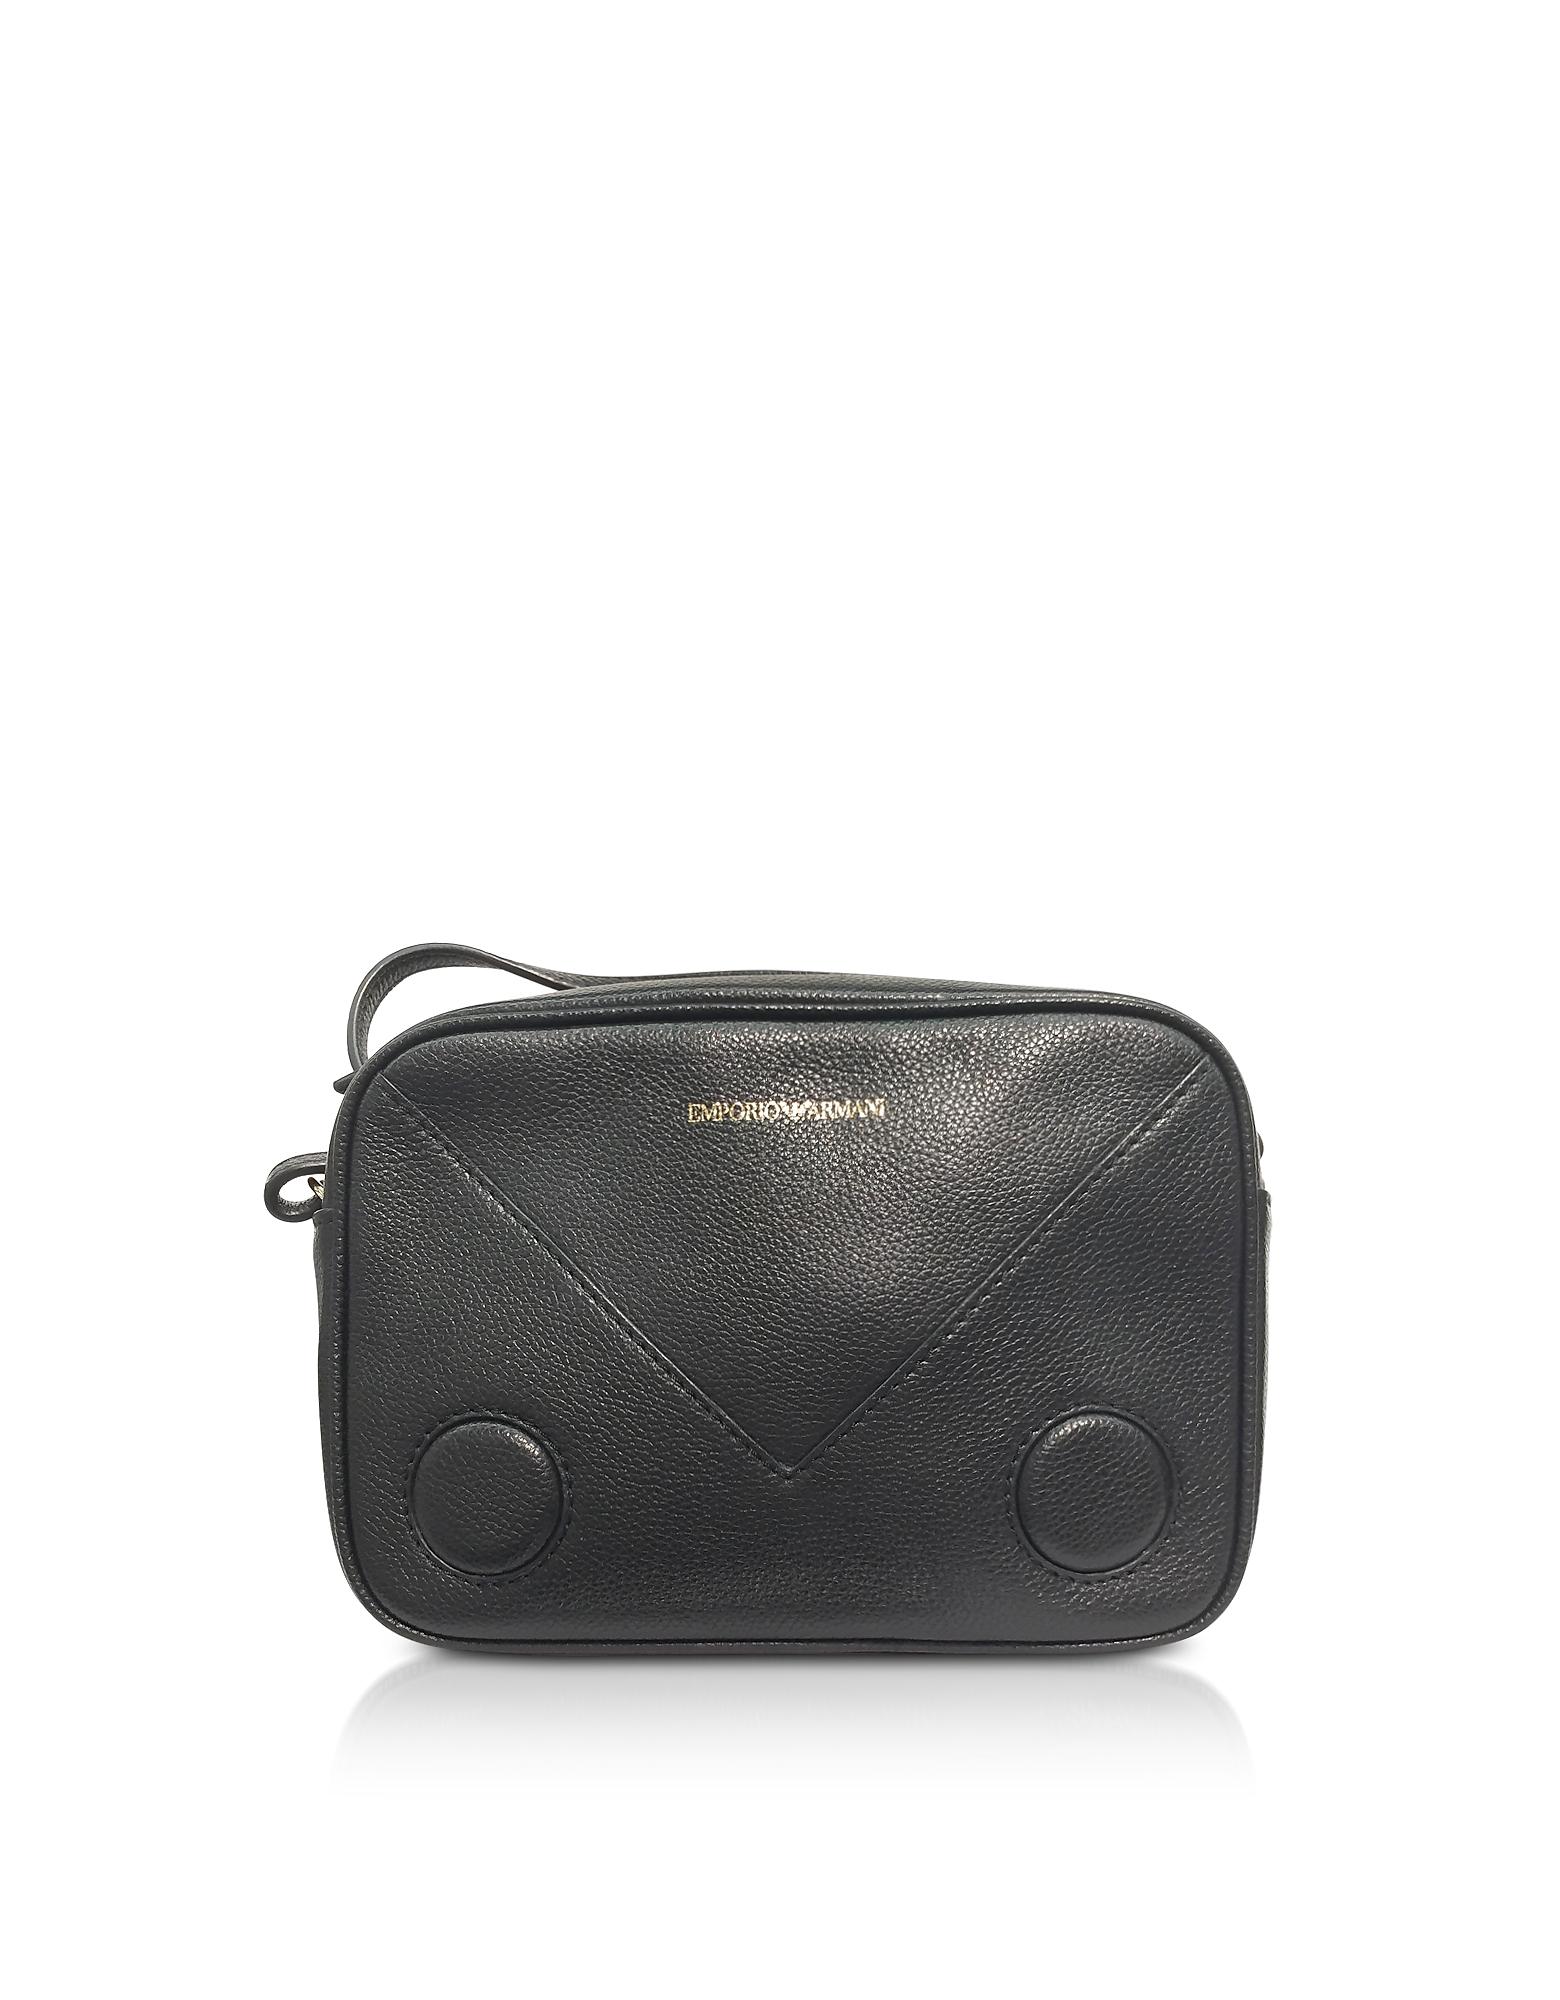 Emporio Armani Handbags, Black Mini Shoulder Bag